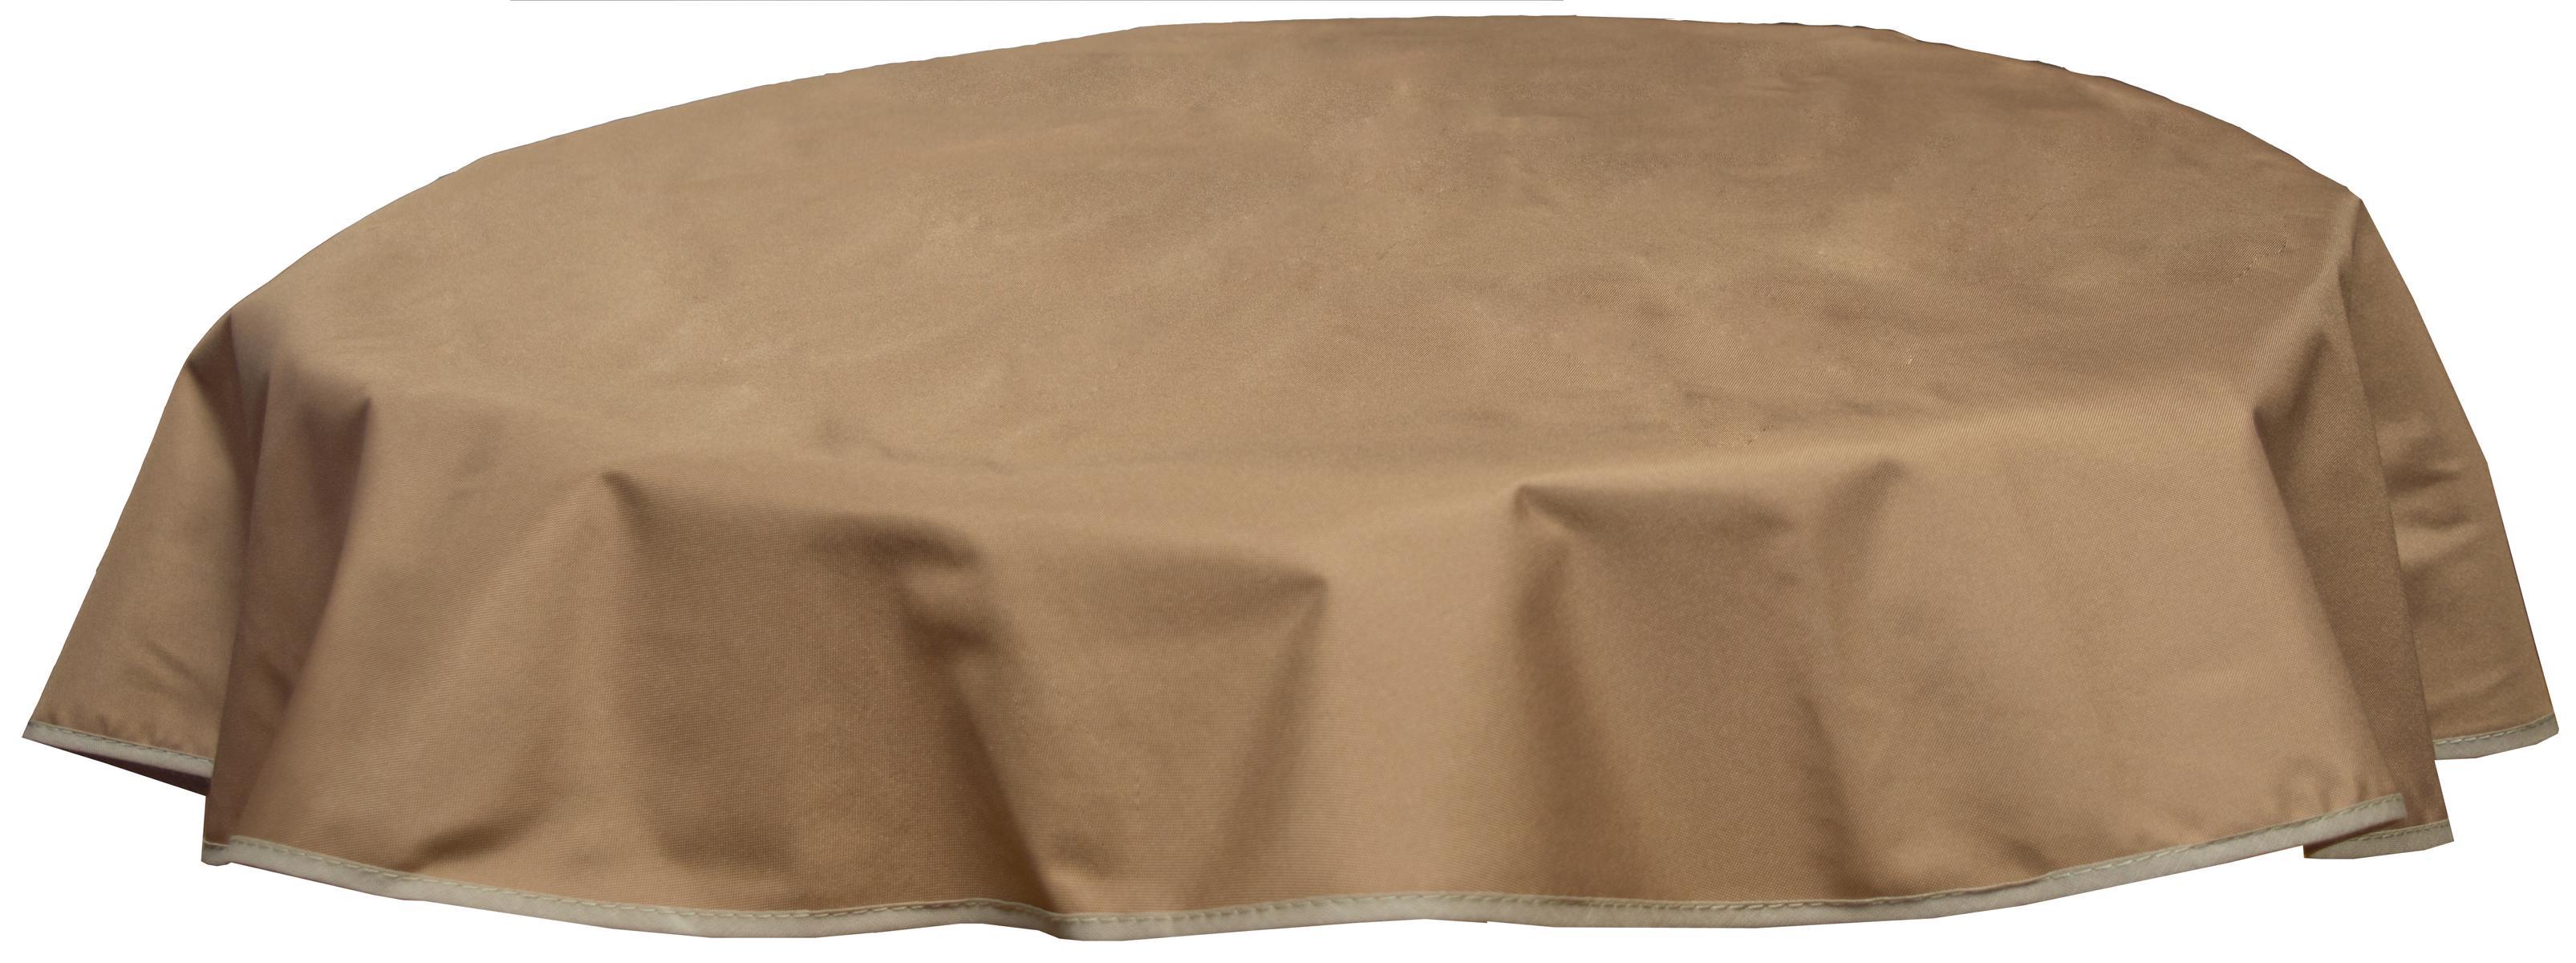 Runde Tischdecke 120cm wasserabweisend 100% Polyester in sand